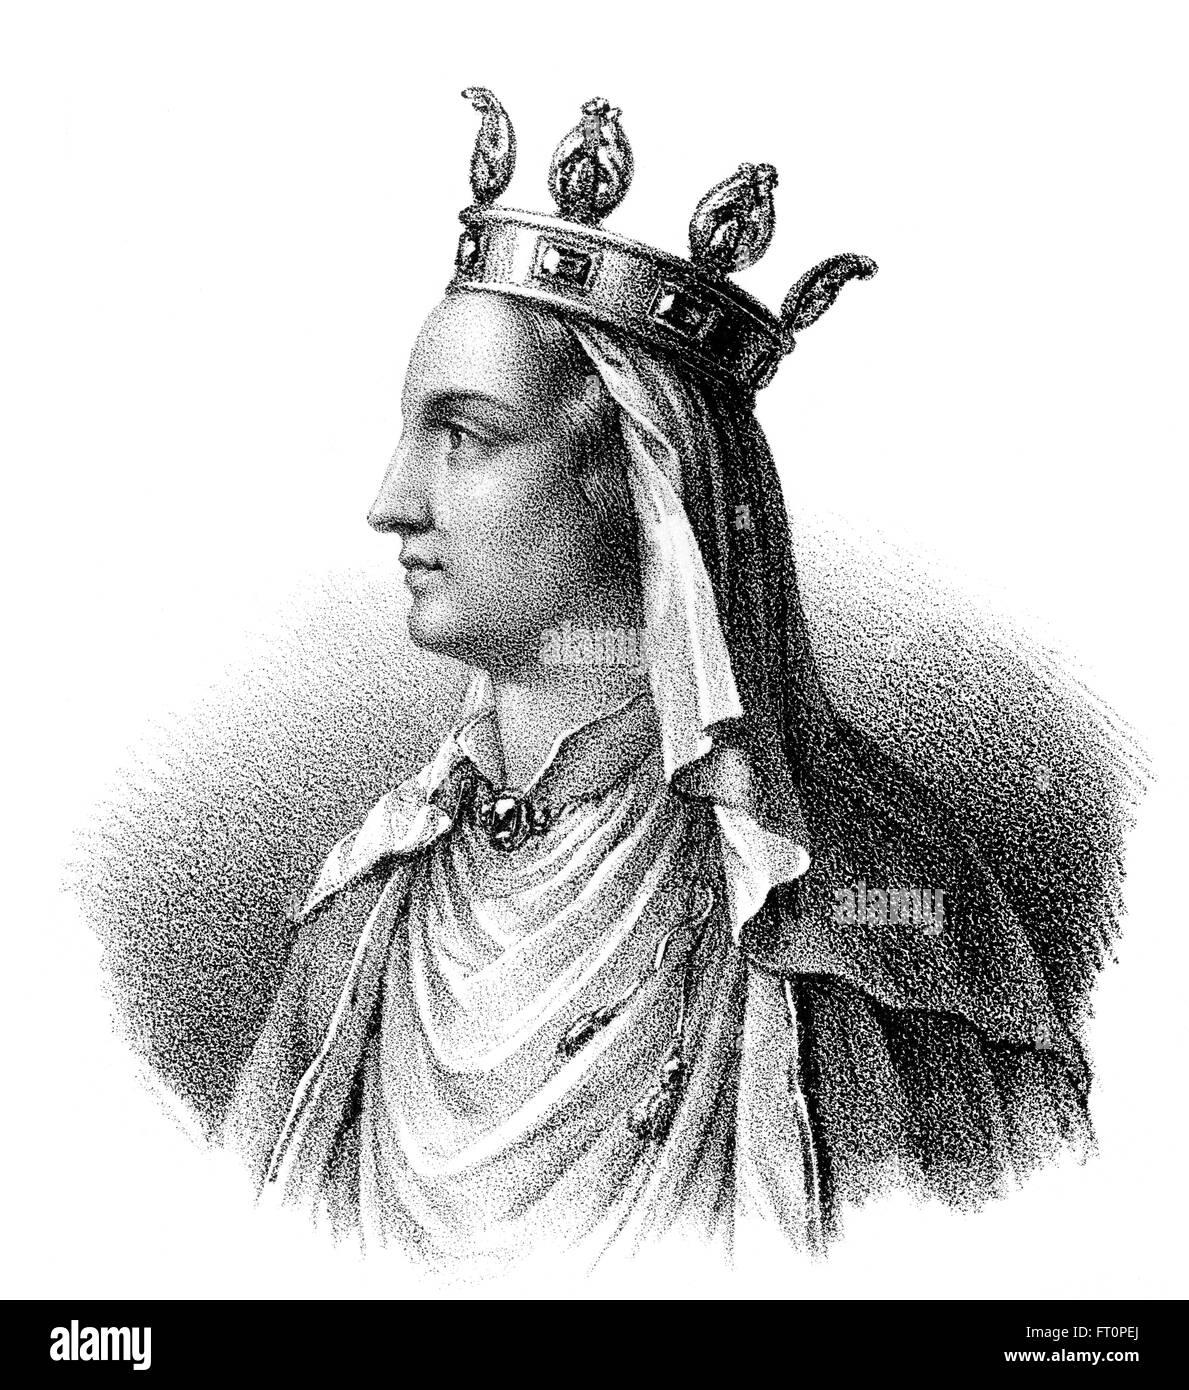 La Reine Ultrogothe, Ultrogotho ou Ultragotha, épouse de Childebert I, ch. 496-558, un Roi franc de la dynastie mérovingienne Banque D'Images